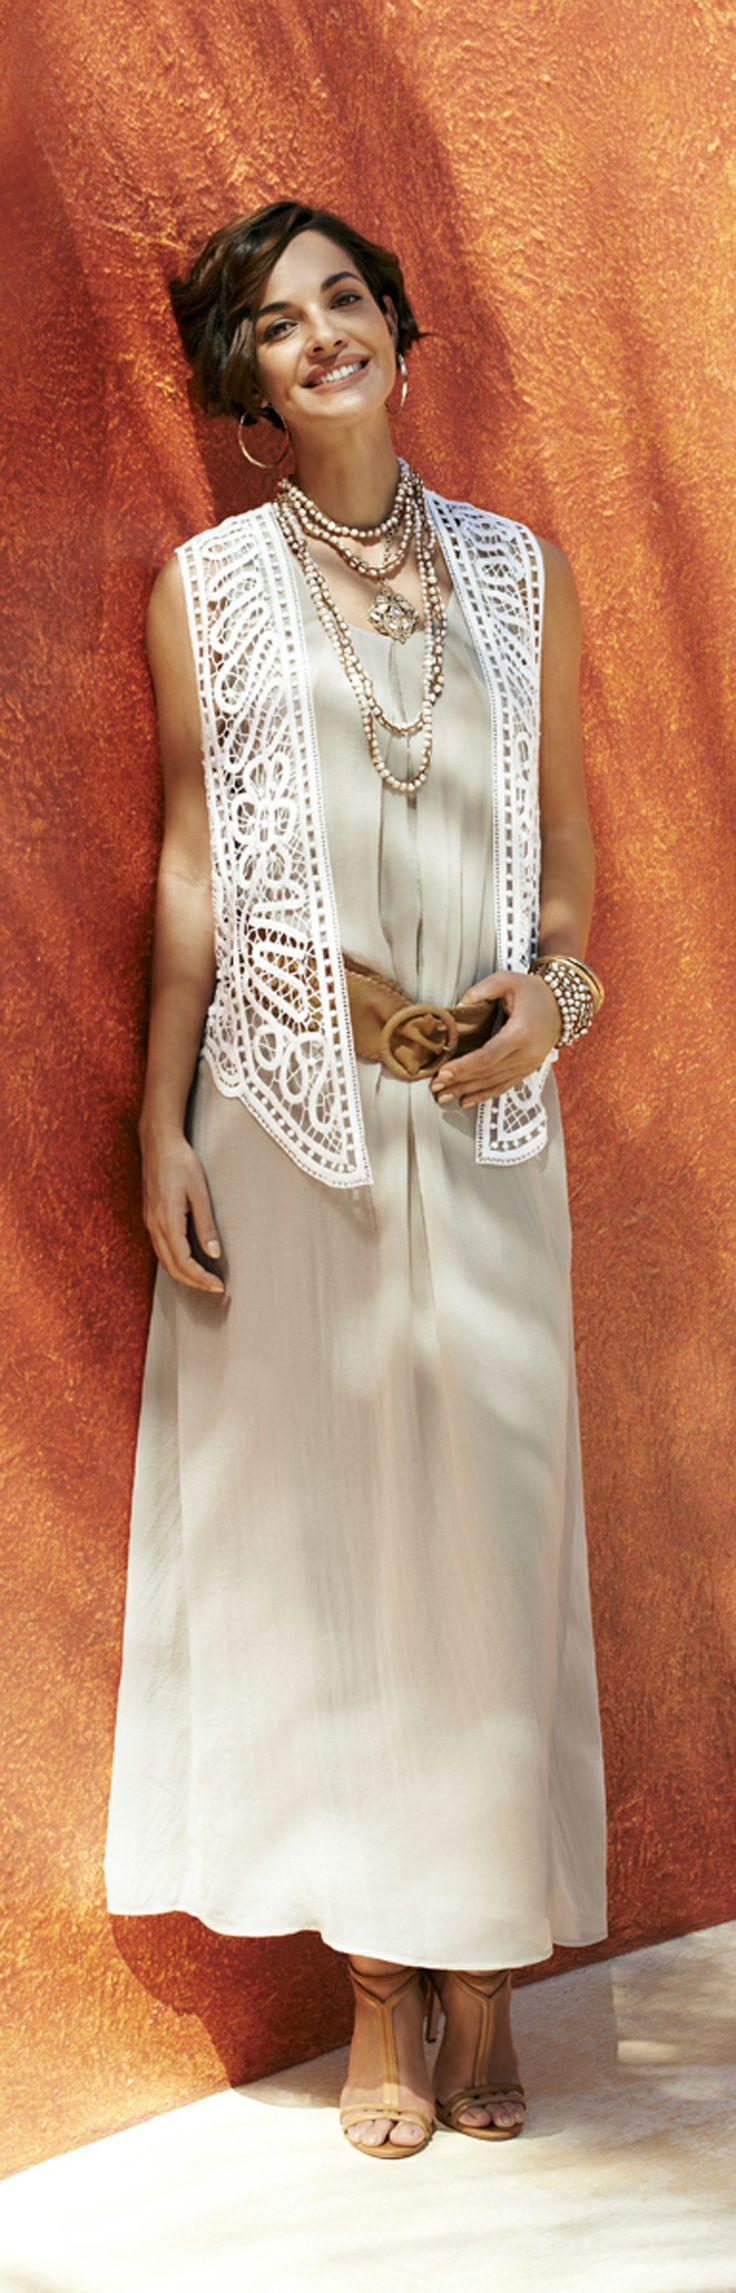 Pair Chico's Grace Maxi Dress with our Crochet Vest